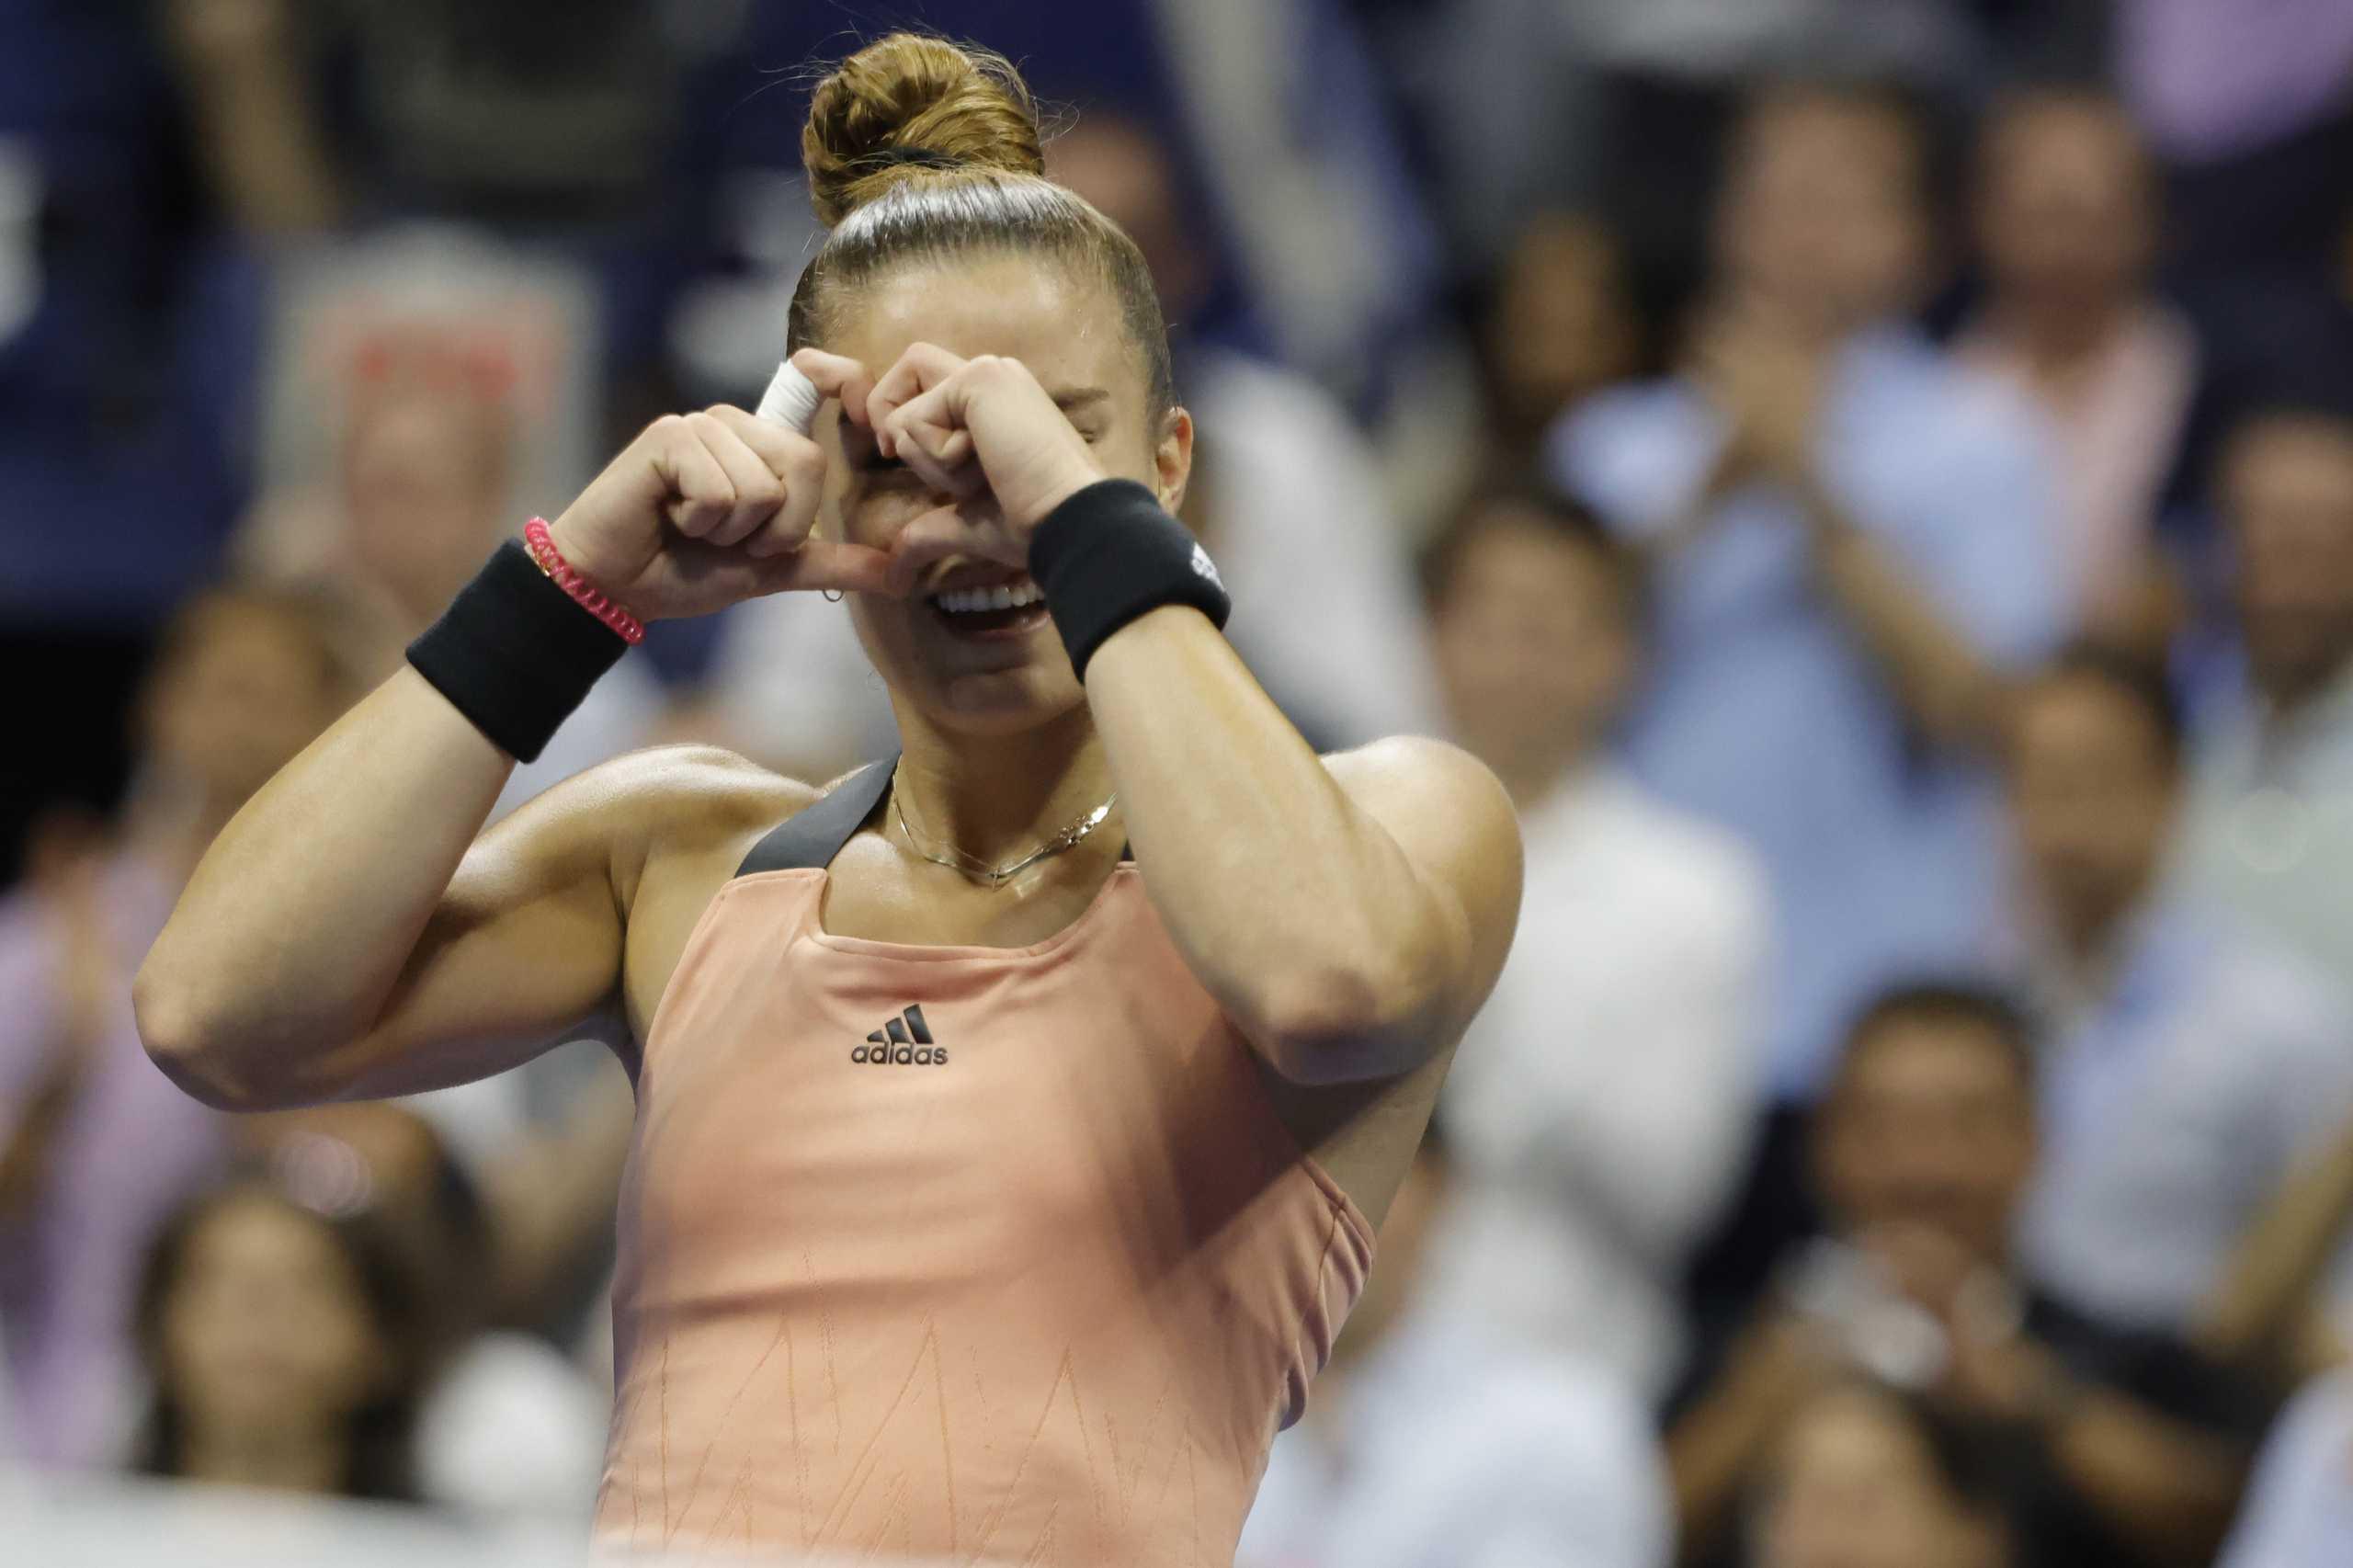 Μαρία Σάκκαρη: Το ποσό που πήρε για την πορεία της στο US Open